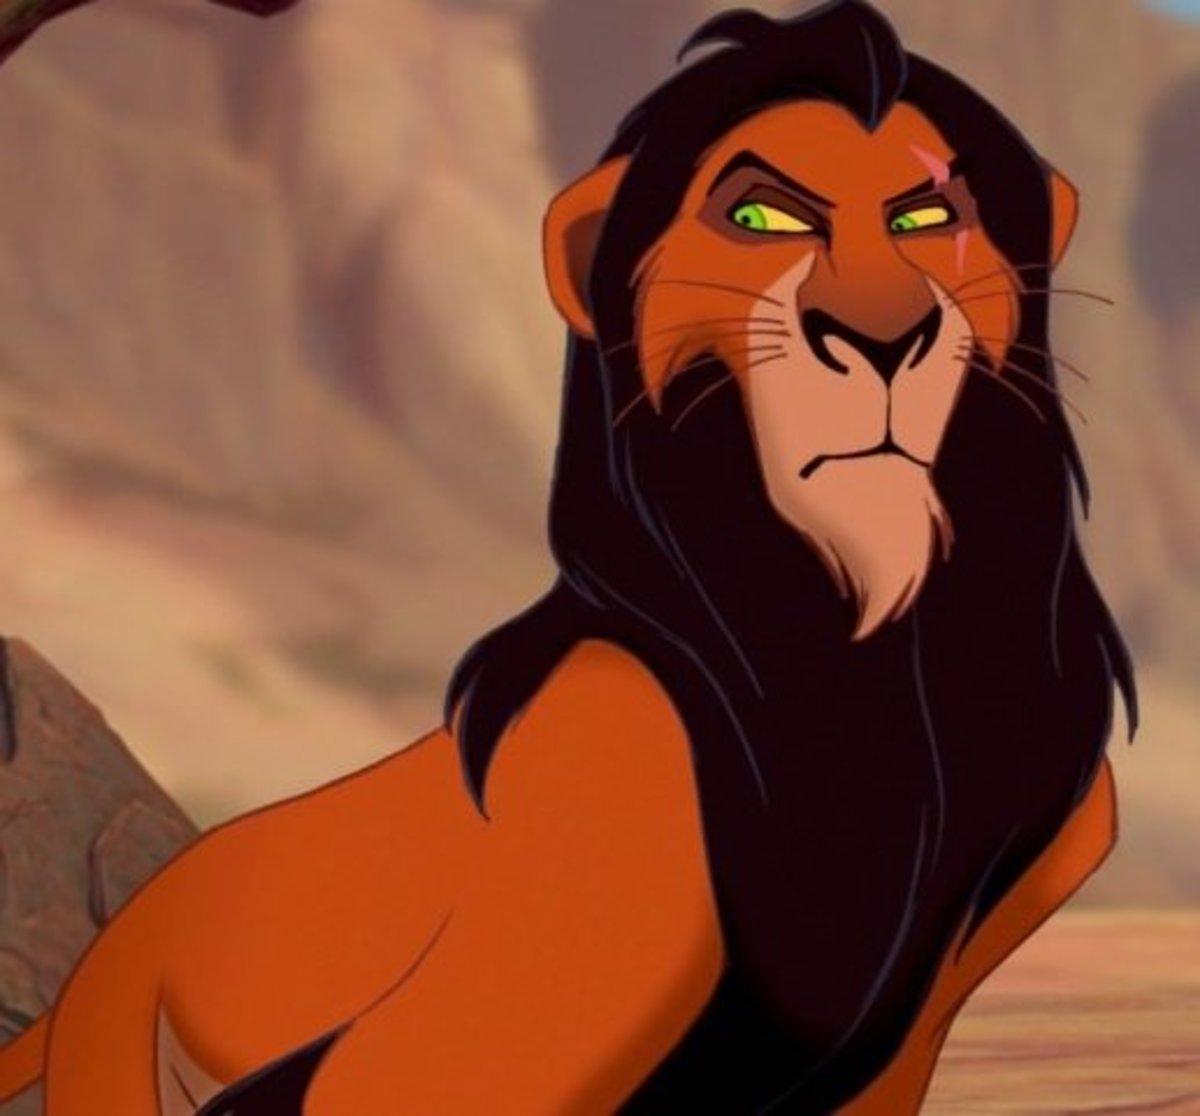 Scar in Lion King